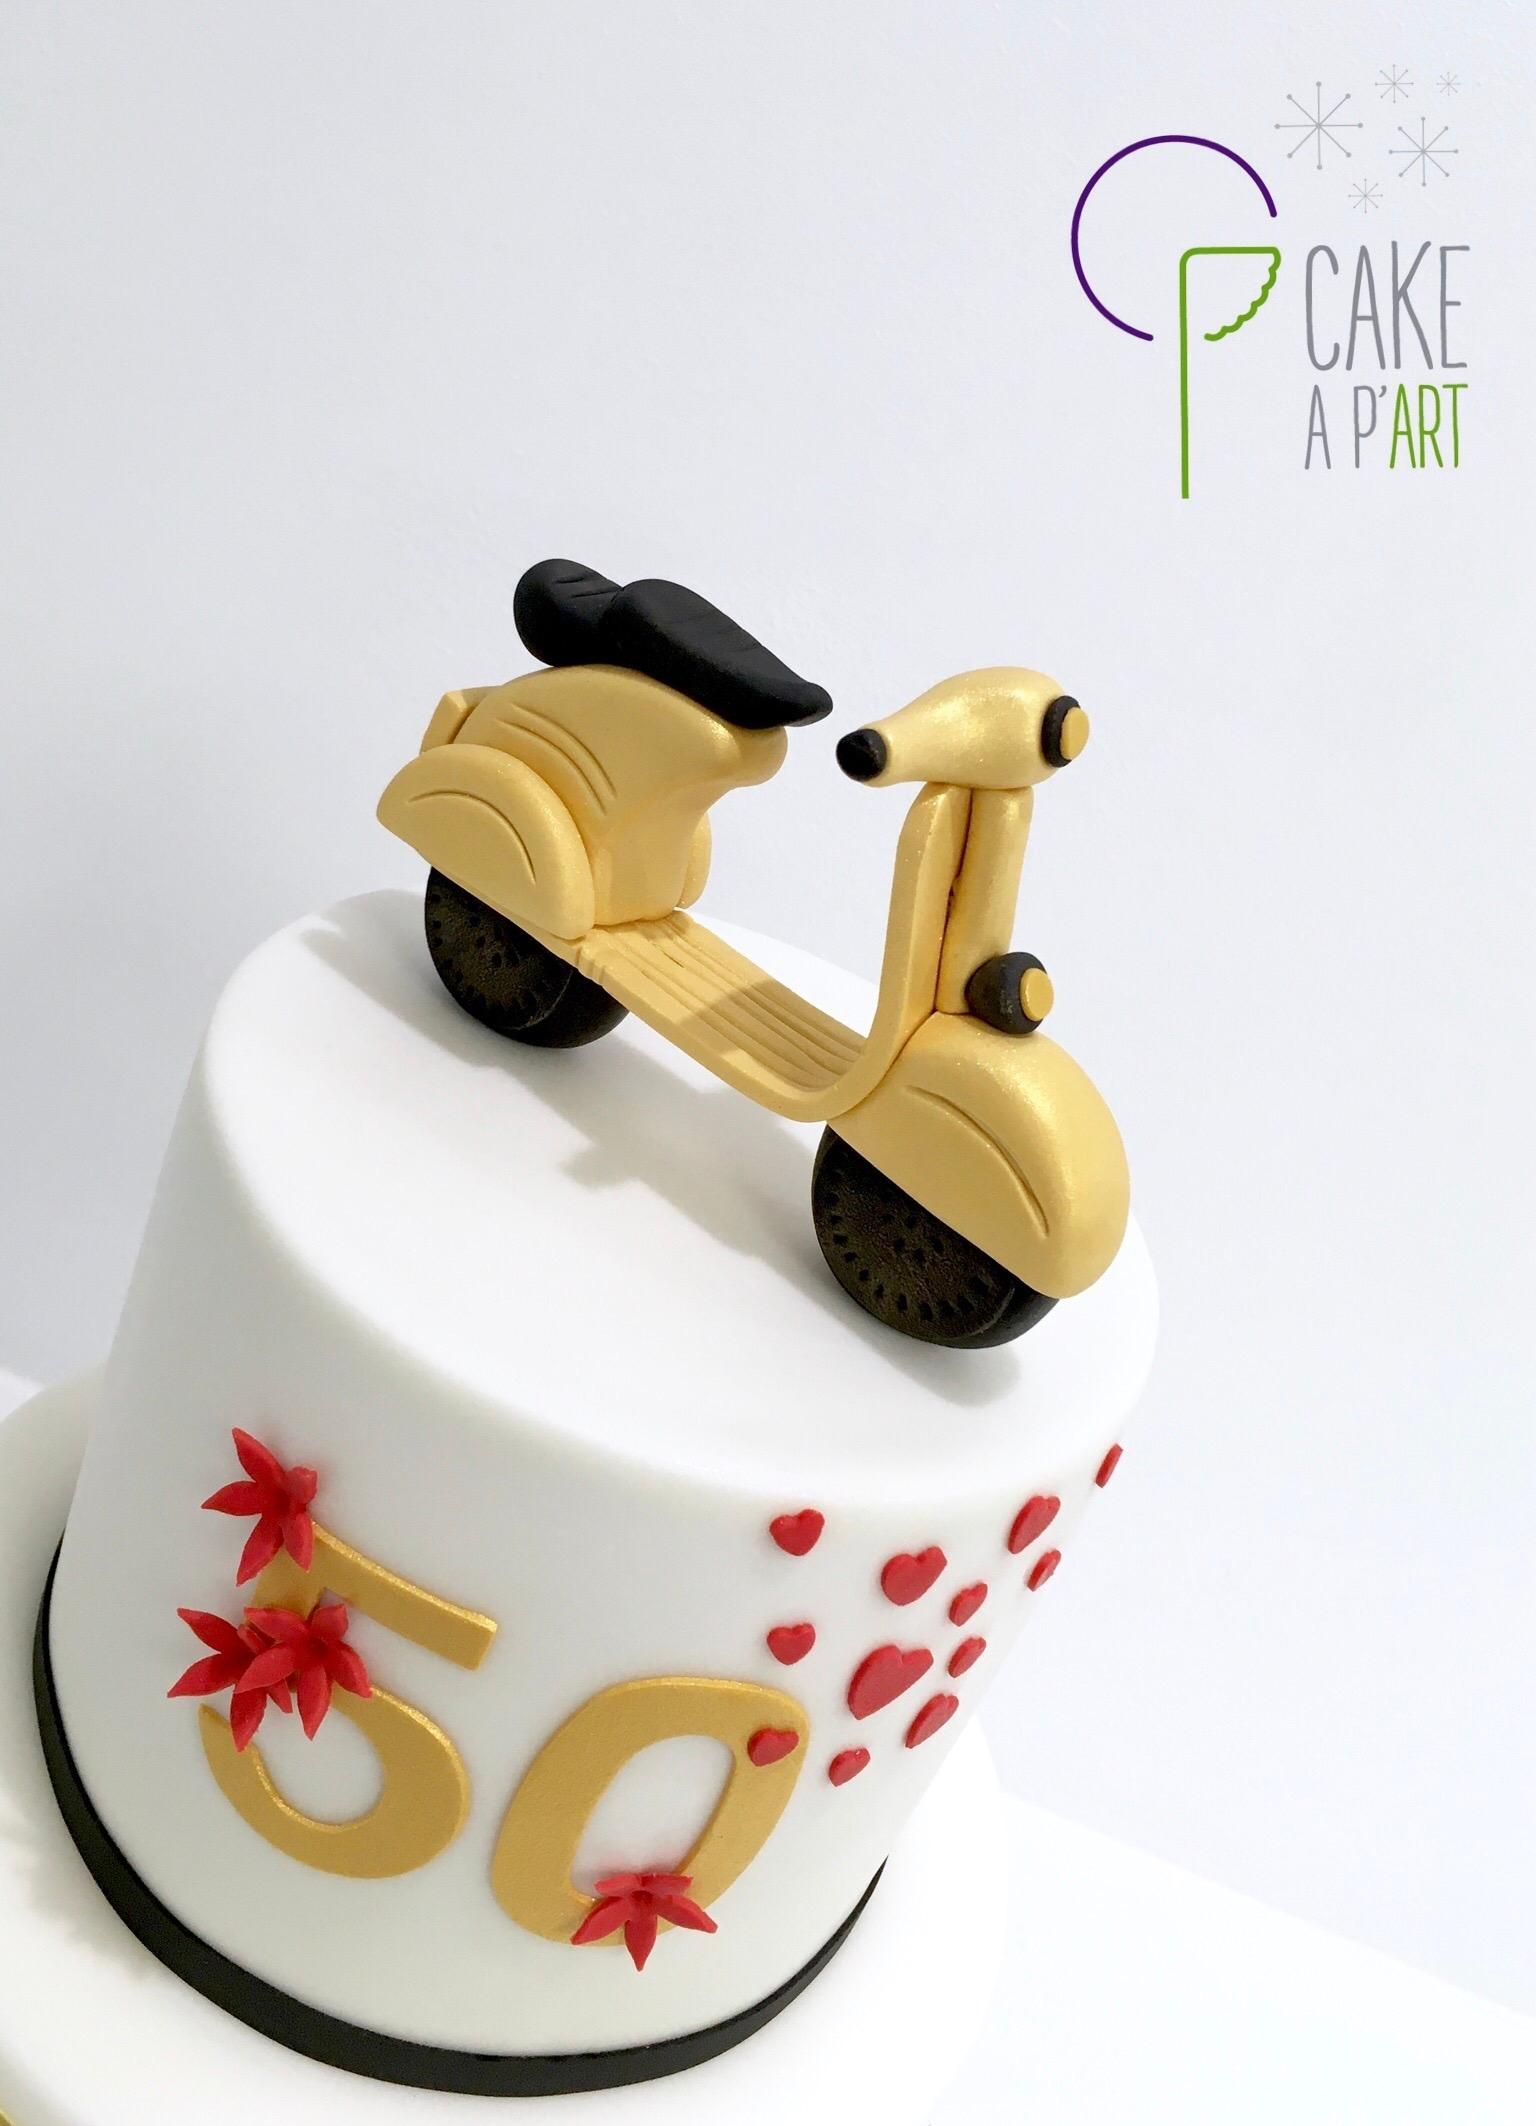 Décor modelage en sucre gâteaux personnalisés - Anniversaire mariage Thème Noce d'or et Vespa